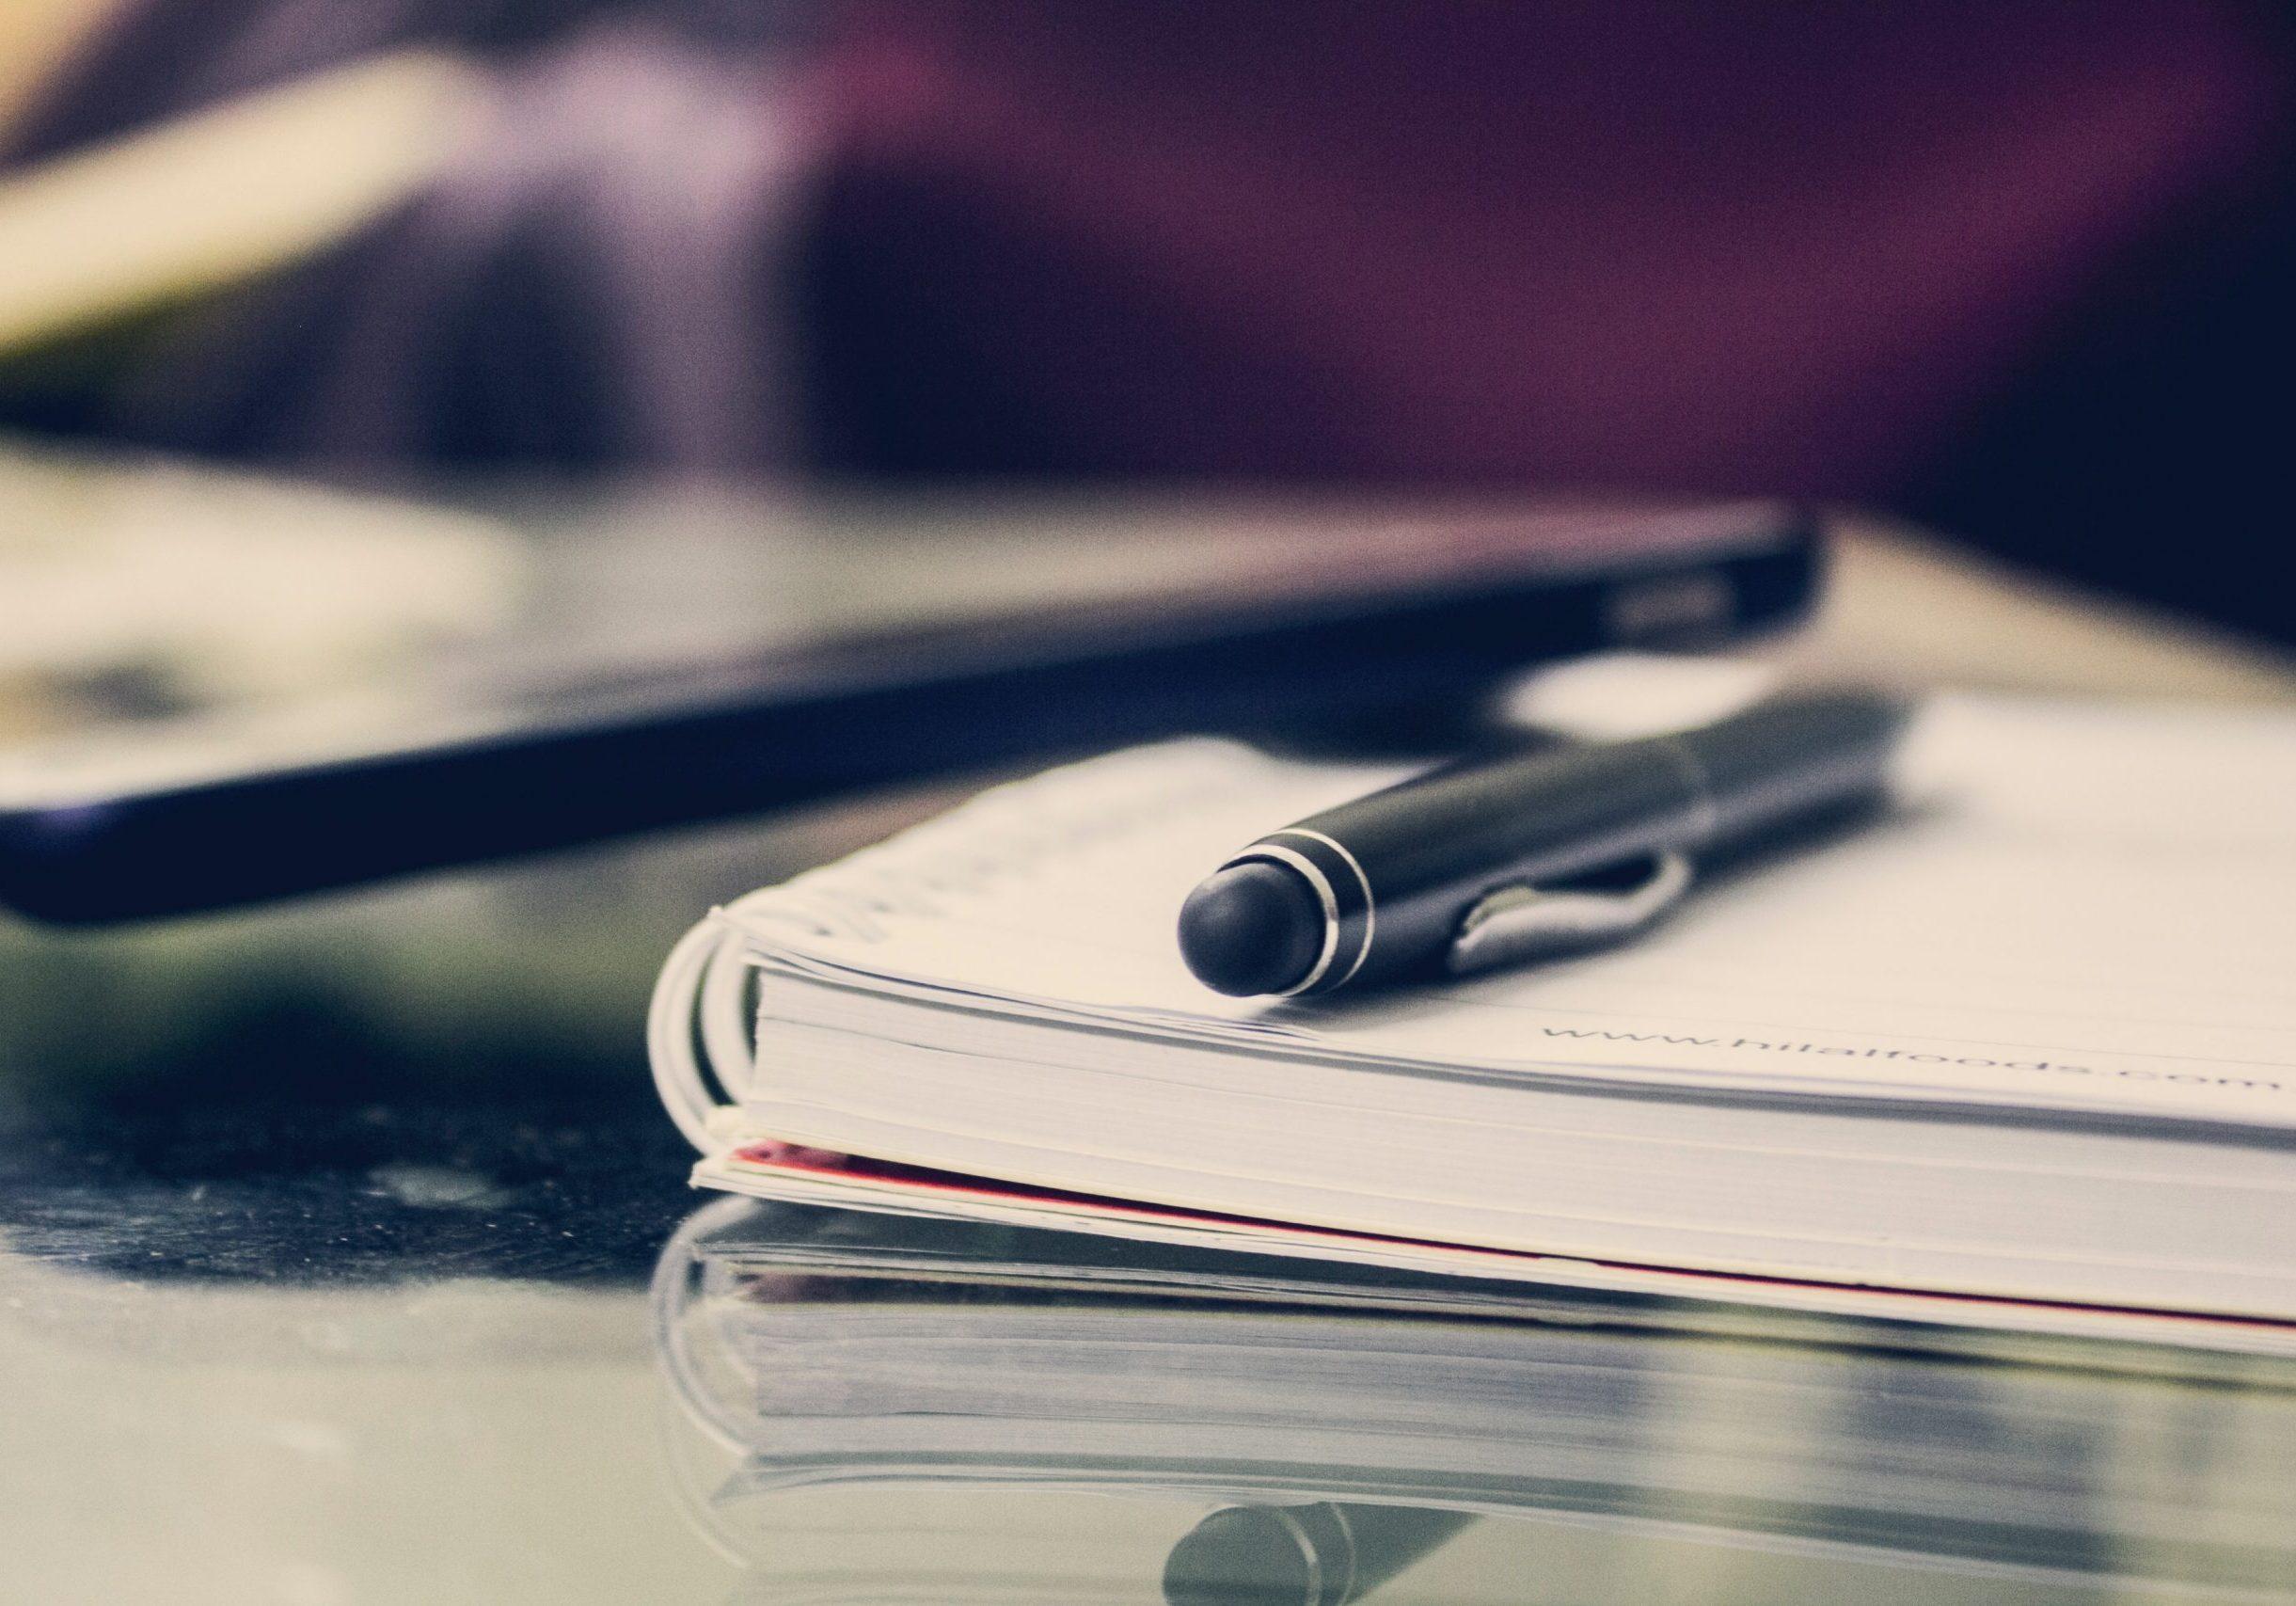 black-twist-pen-on-notebook-891059